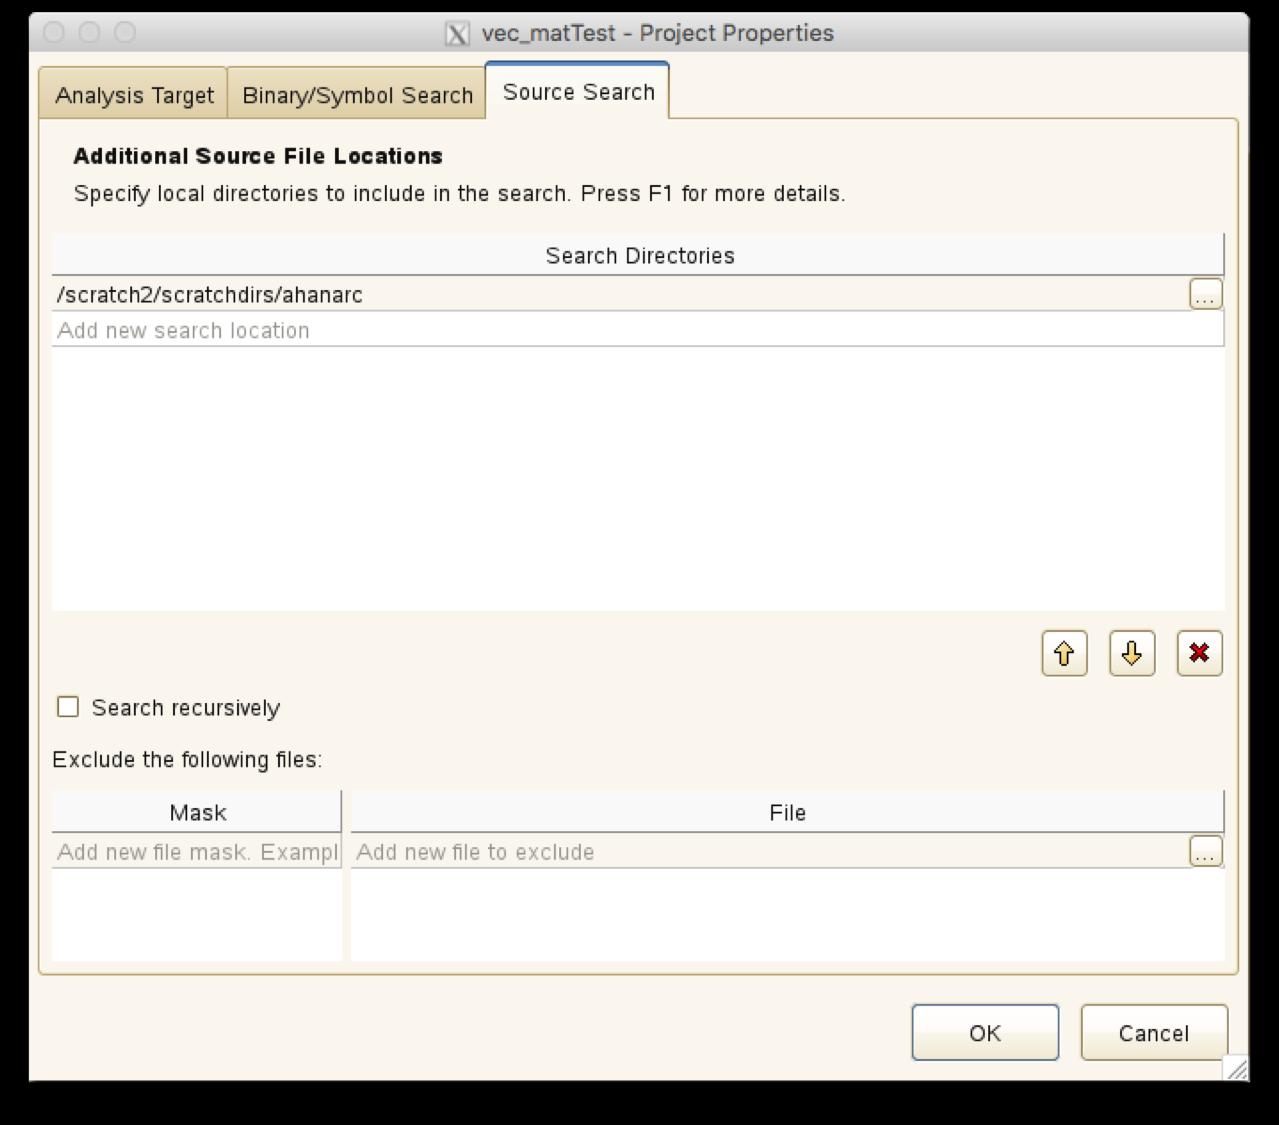 docs/development/performance-debugging-tools/images/Advisor-proj-prop2.png